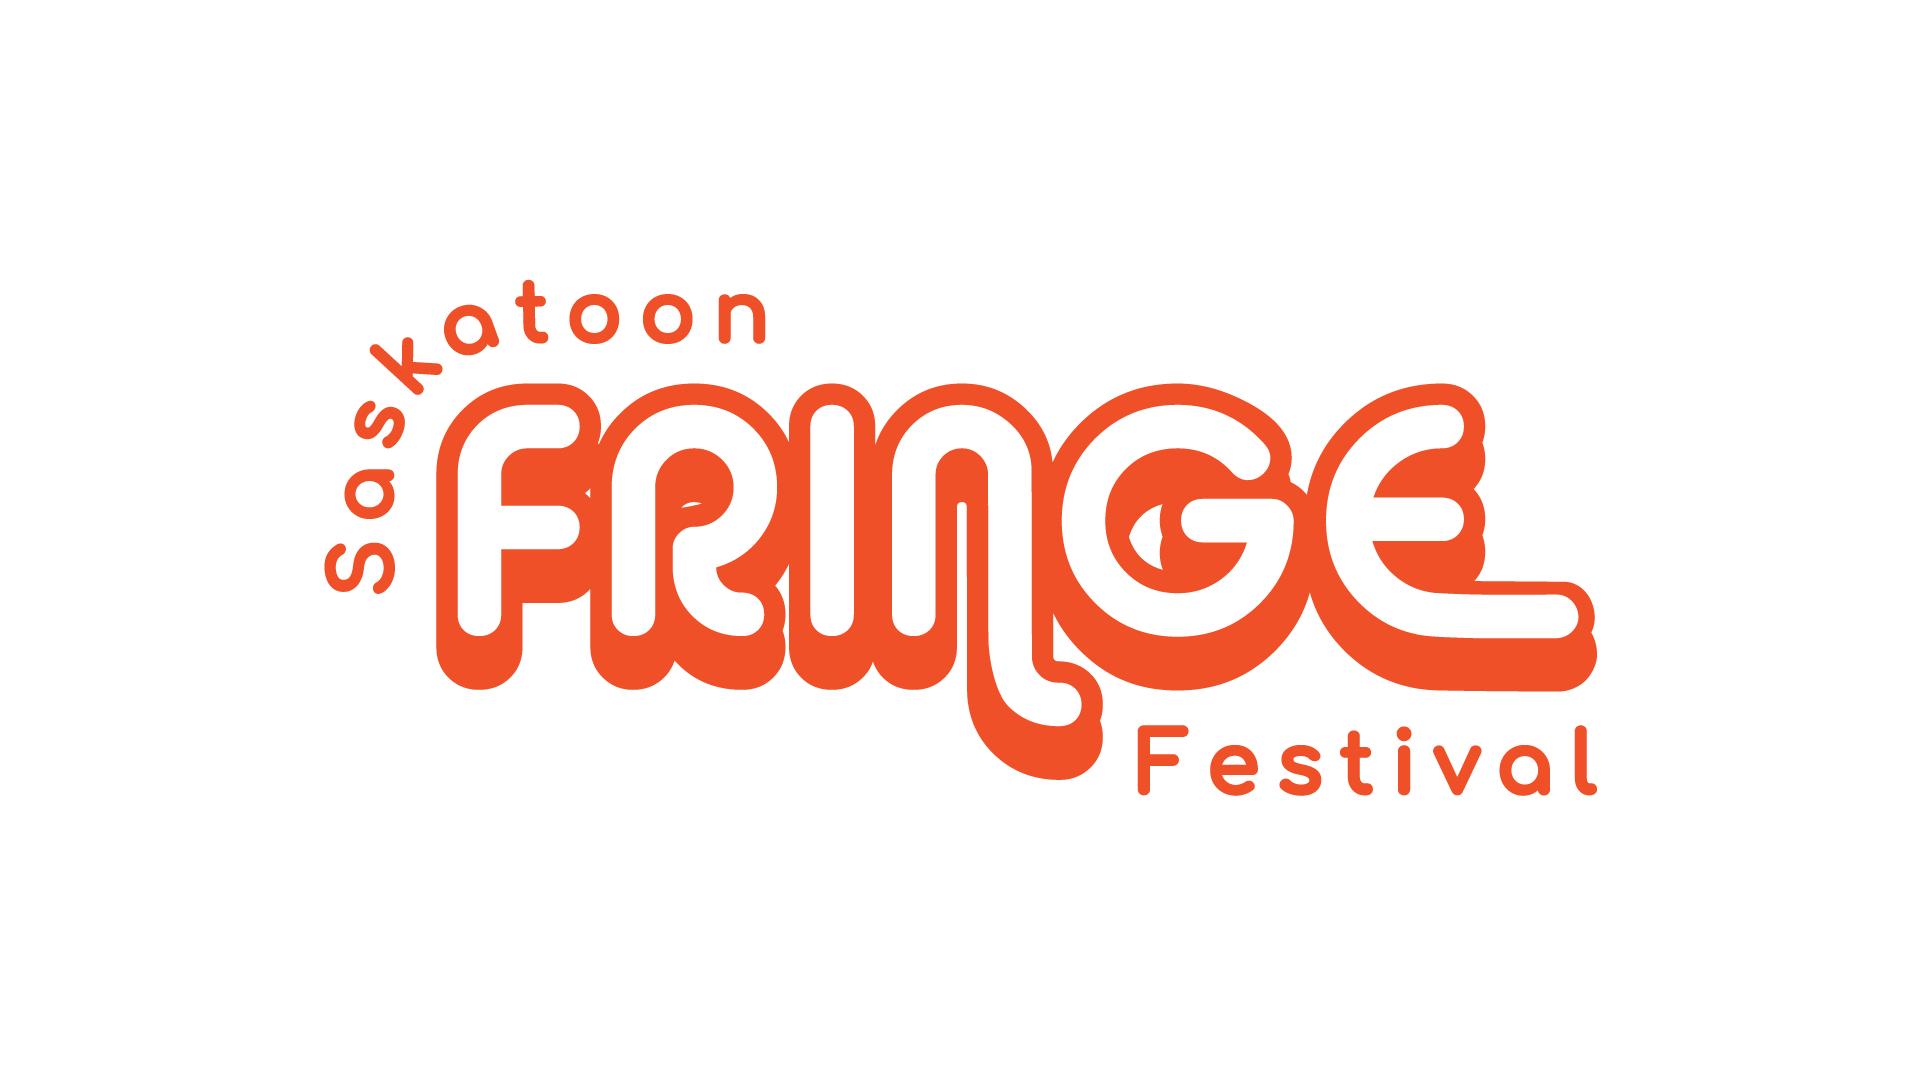 Saskatoon Fringe Festival